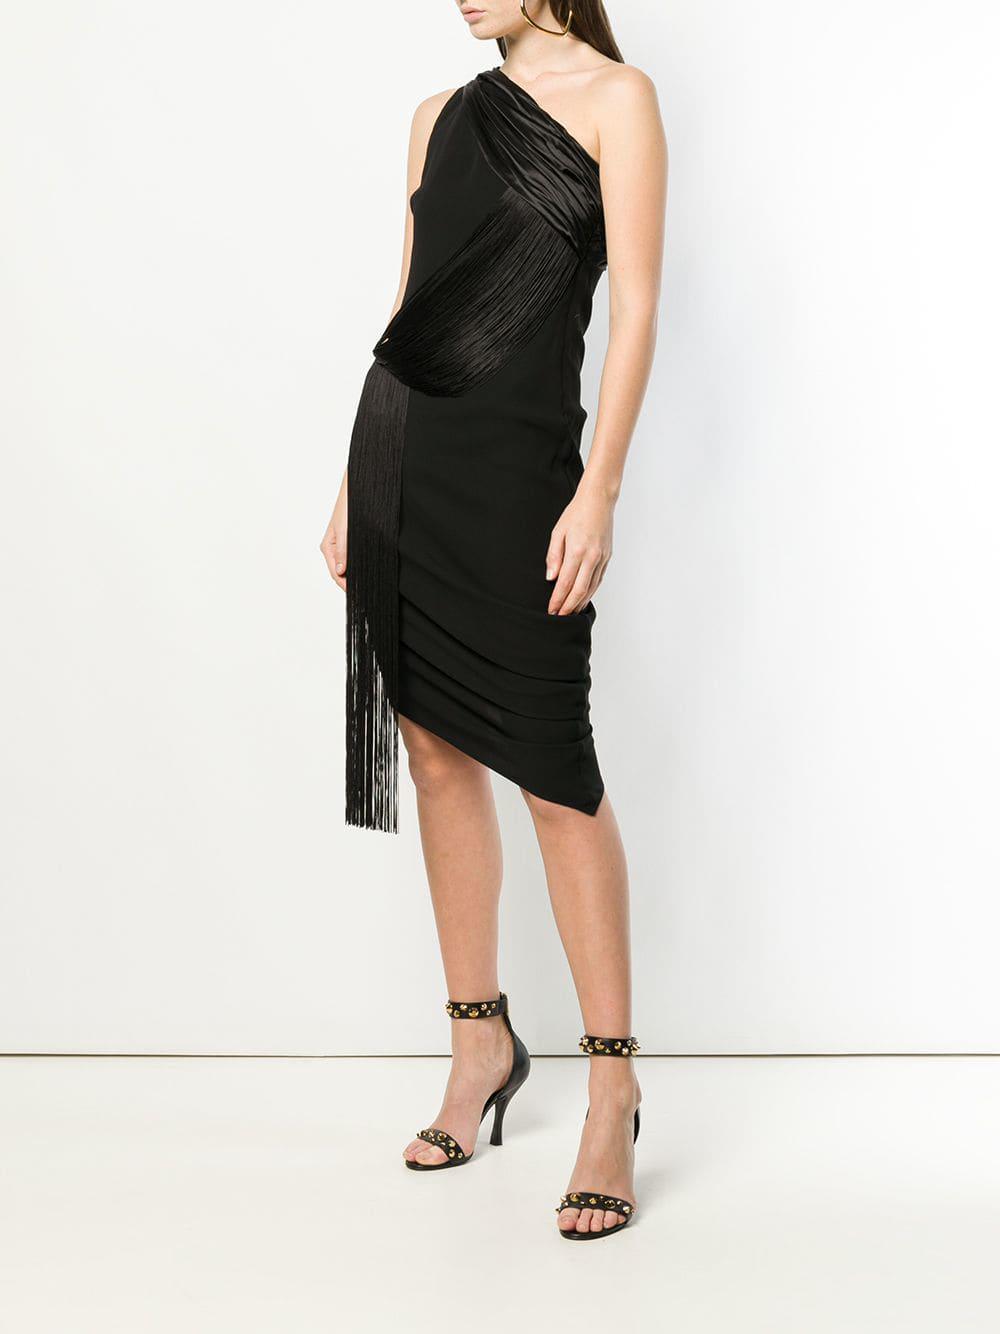 3b160a5db8f Versace Fringed One Shoulder Midi Dress in Black - Lyst